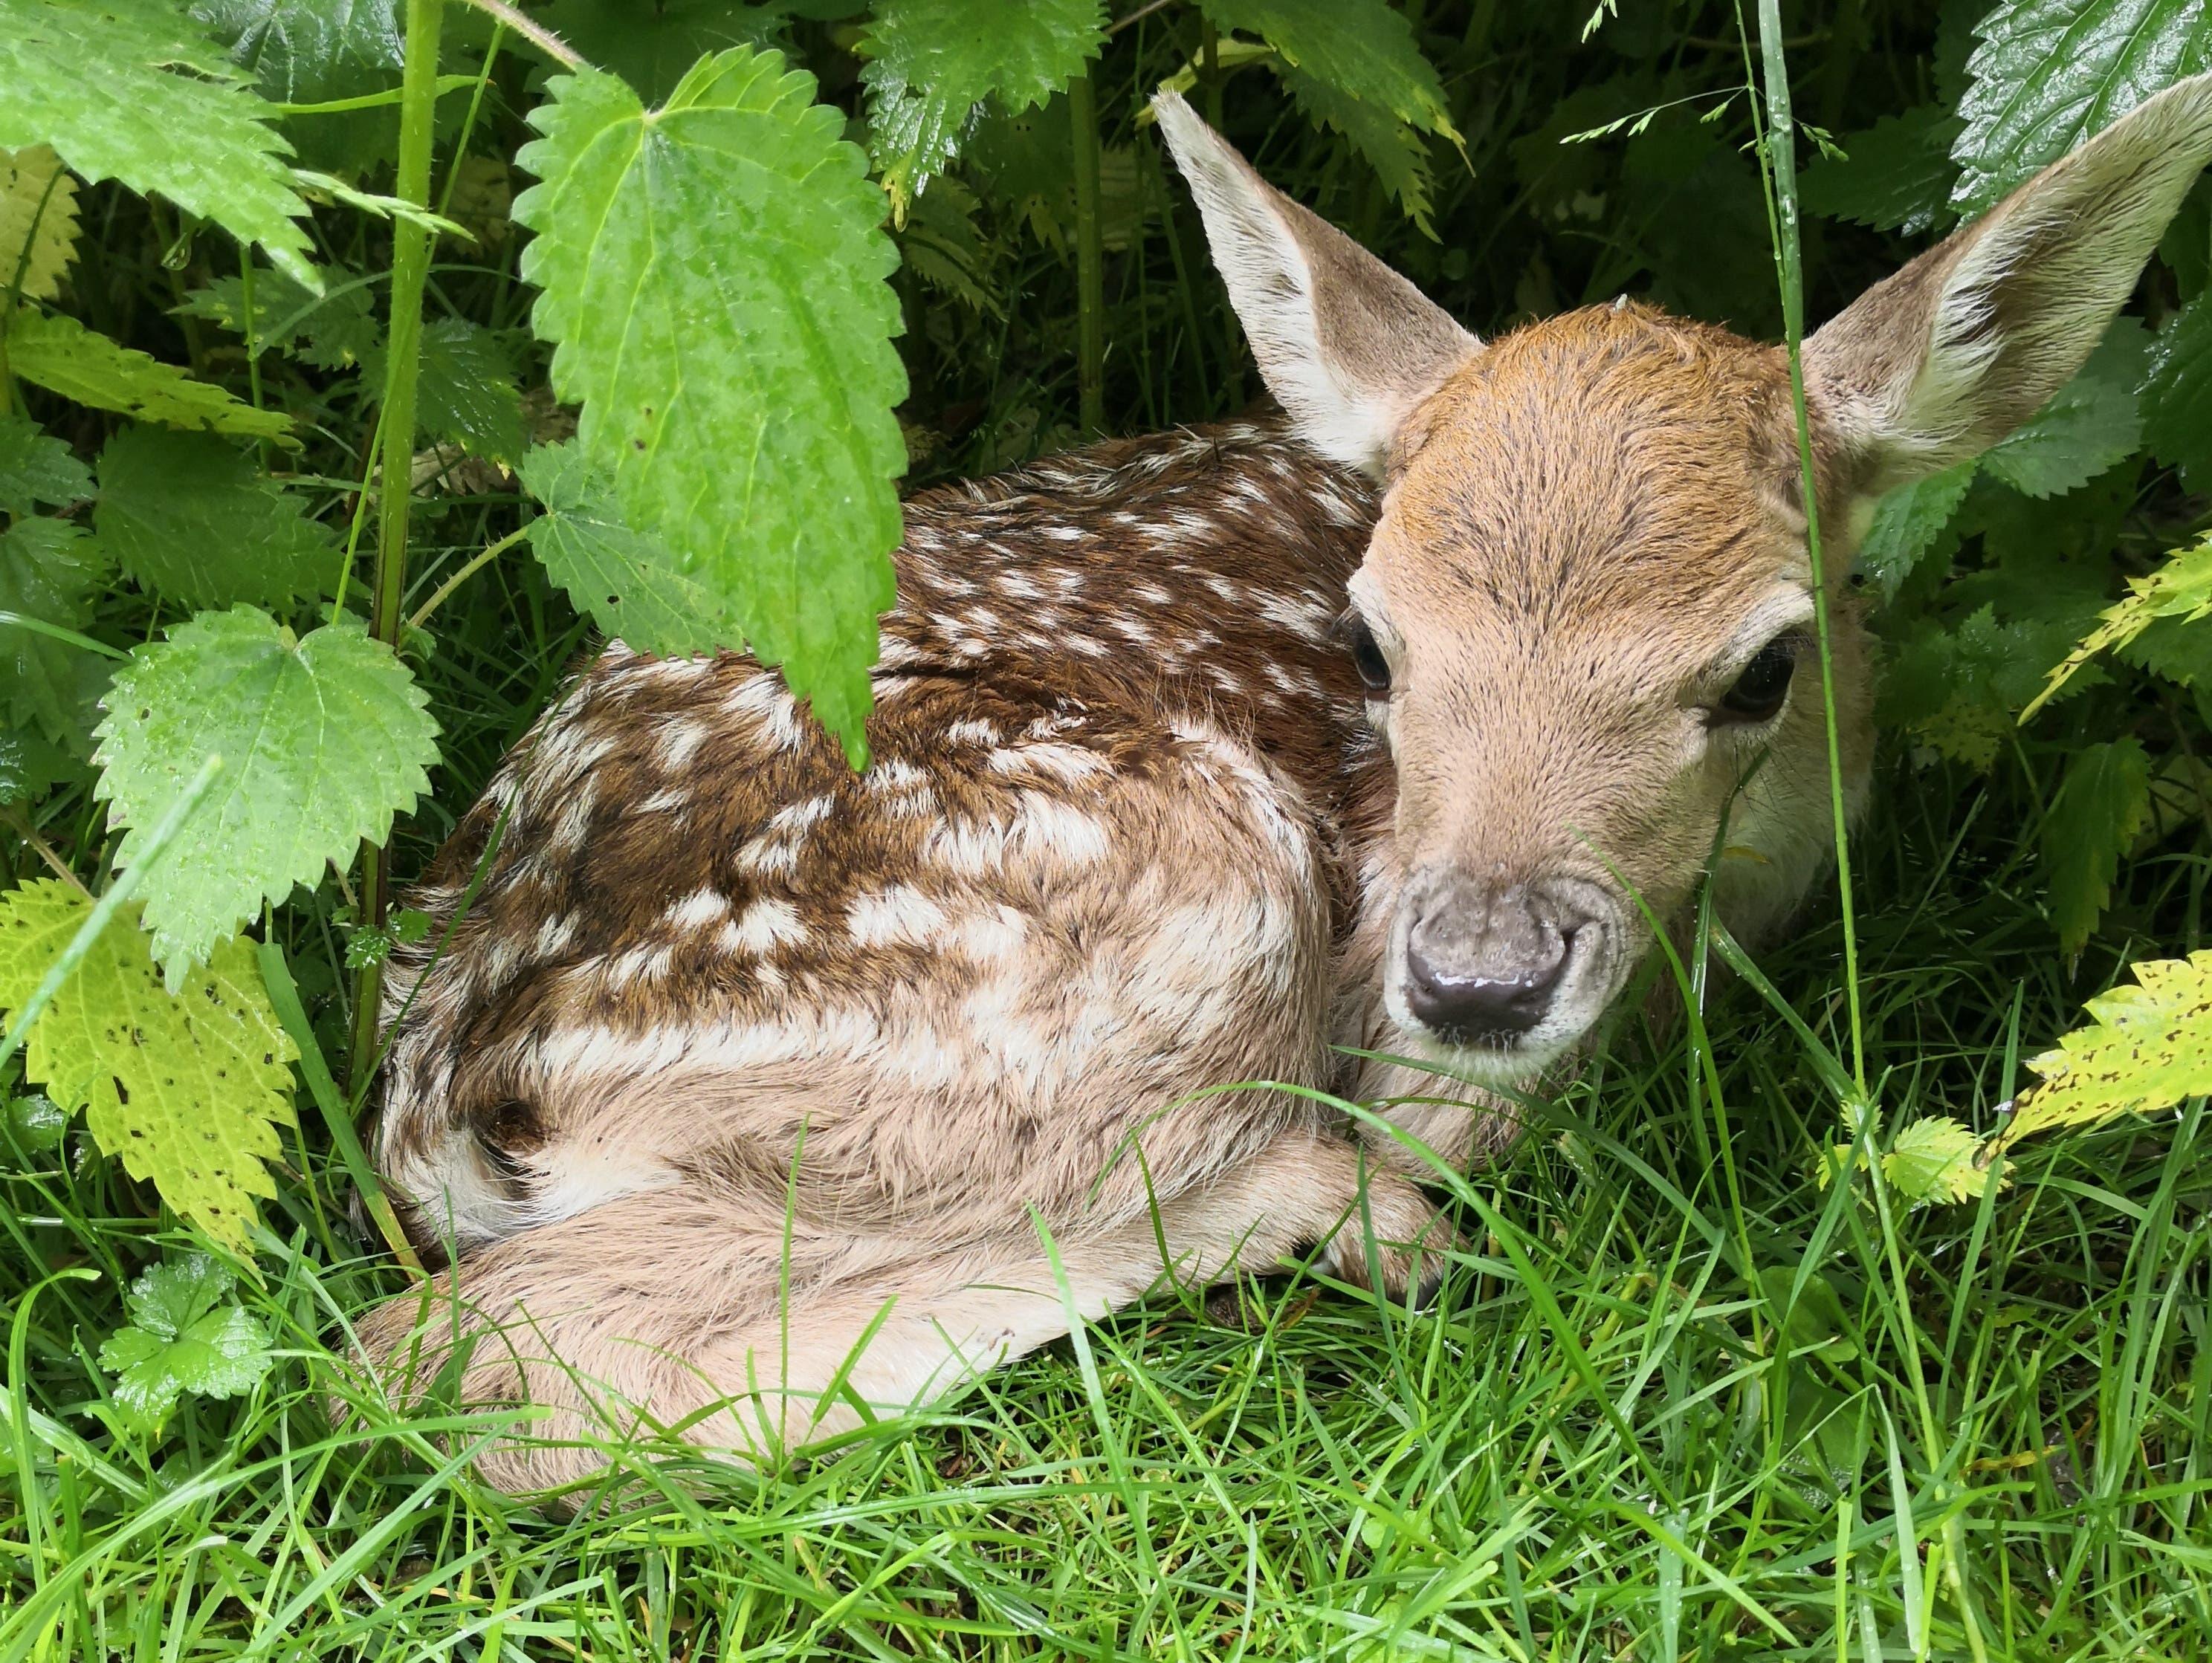 Das Jungtier wurde erst vor wenigen Wochen geboren.